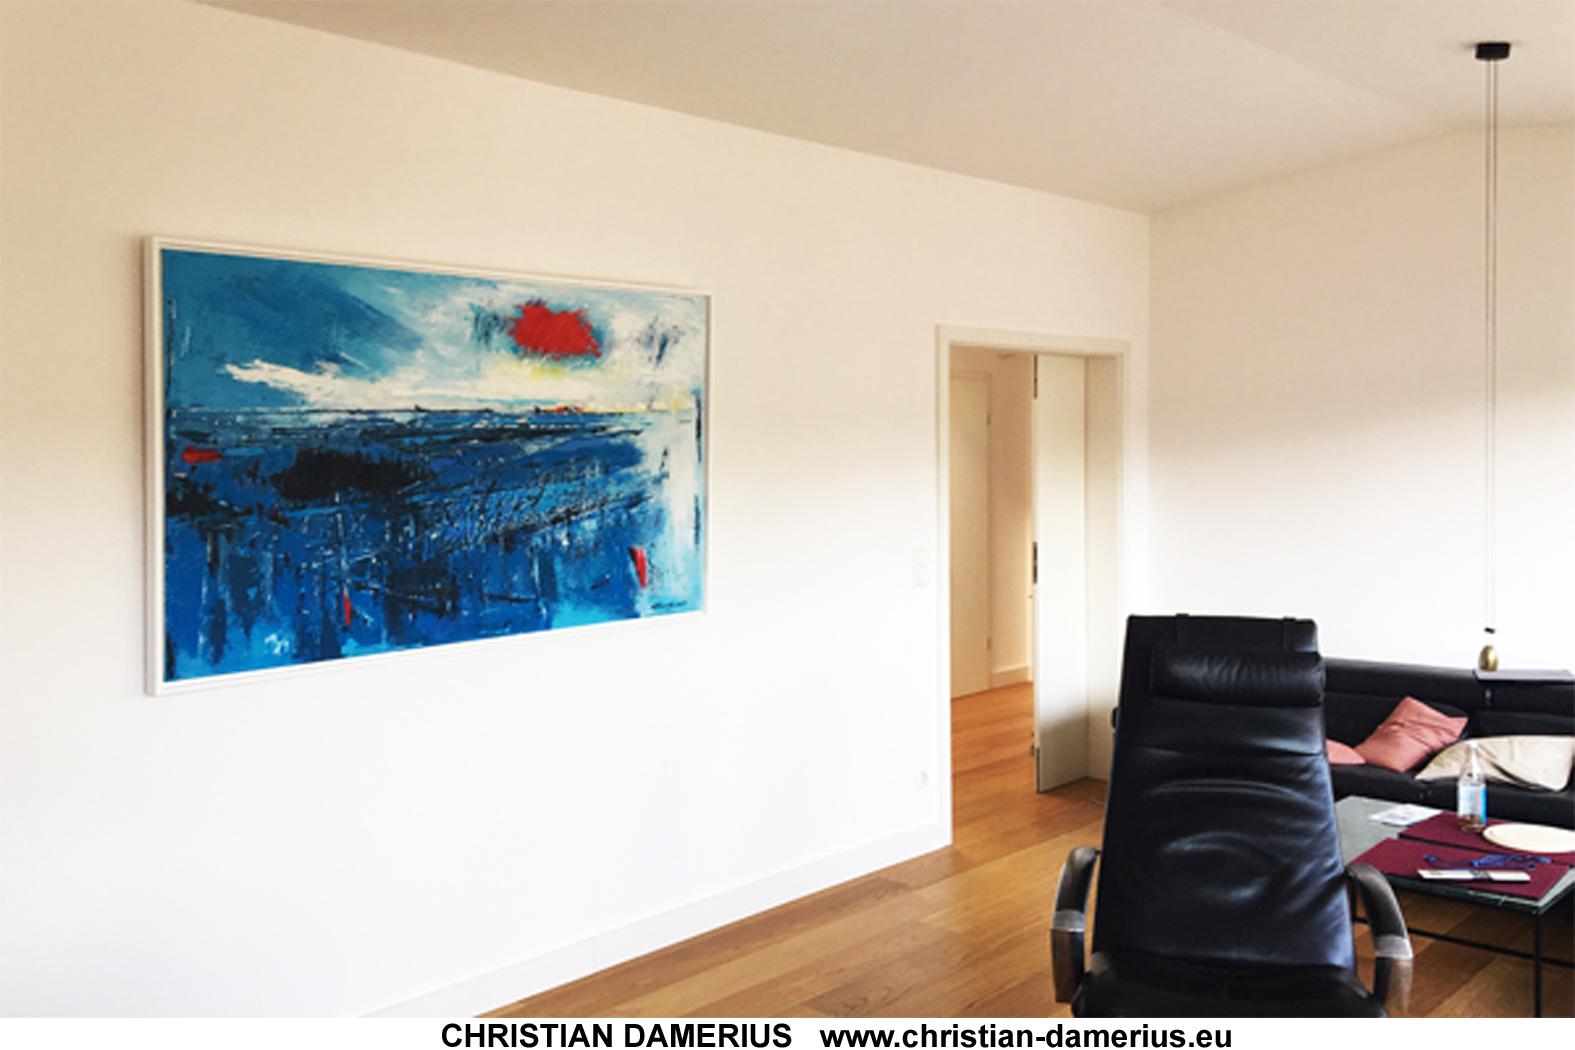 rot fällt herab,moderne landschaft,abstrakte malerei,christian damerius,rot fällt herab,ideen mit bildern für wände,büroeinrichter hamburg,wer malt moderne bilder,